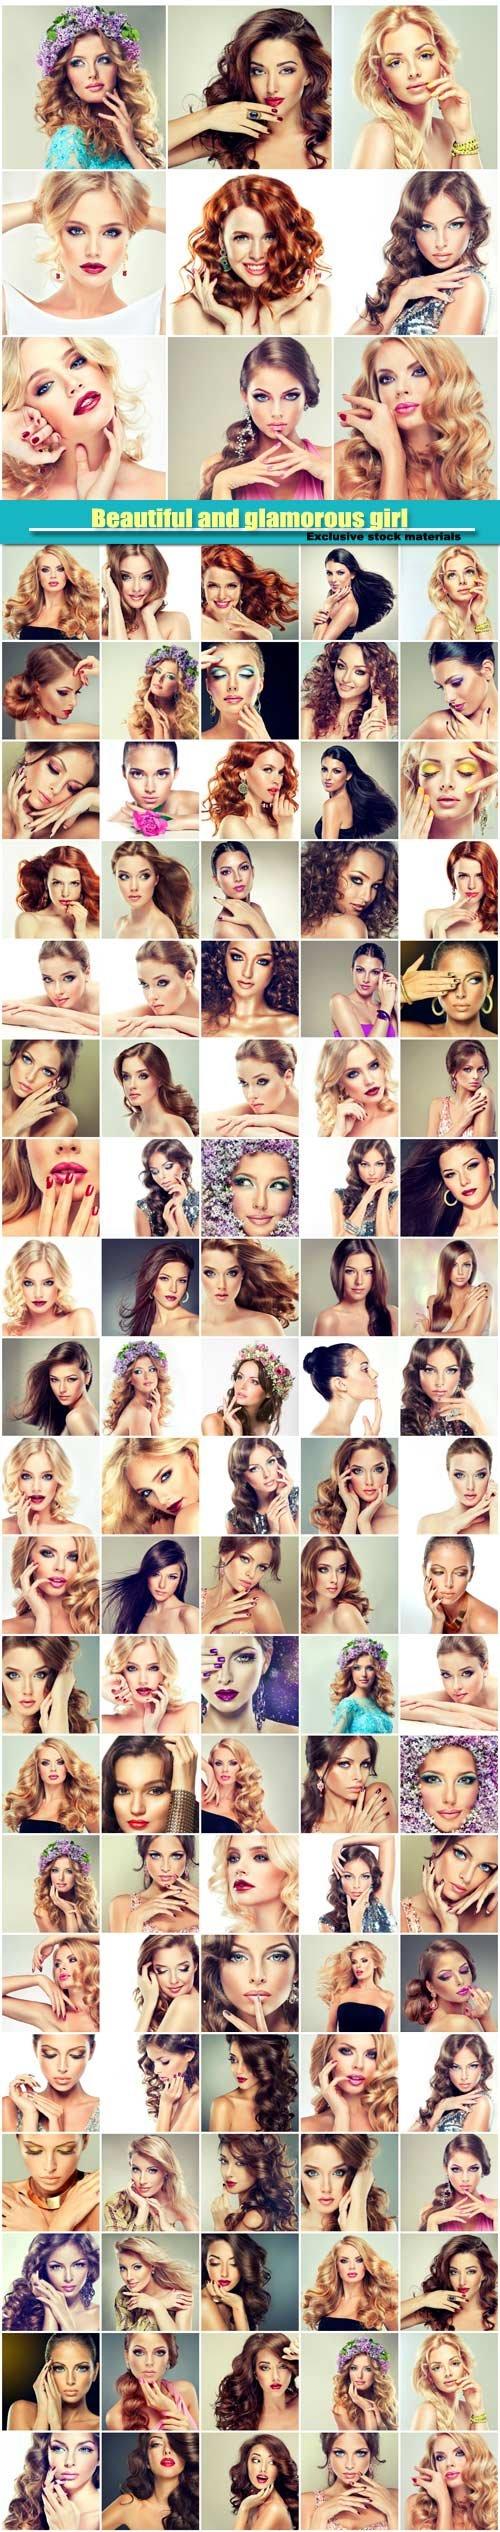 Beautiful girls, trendy, stylish and glamorous women